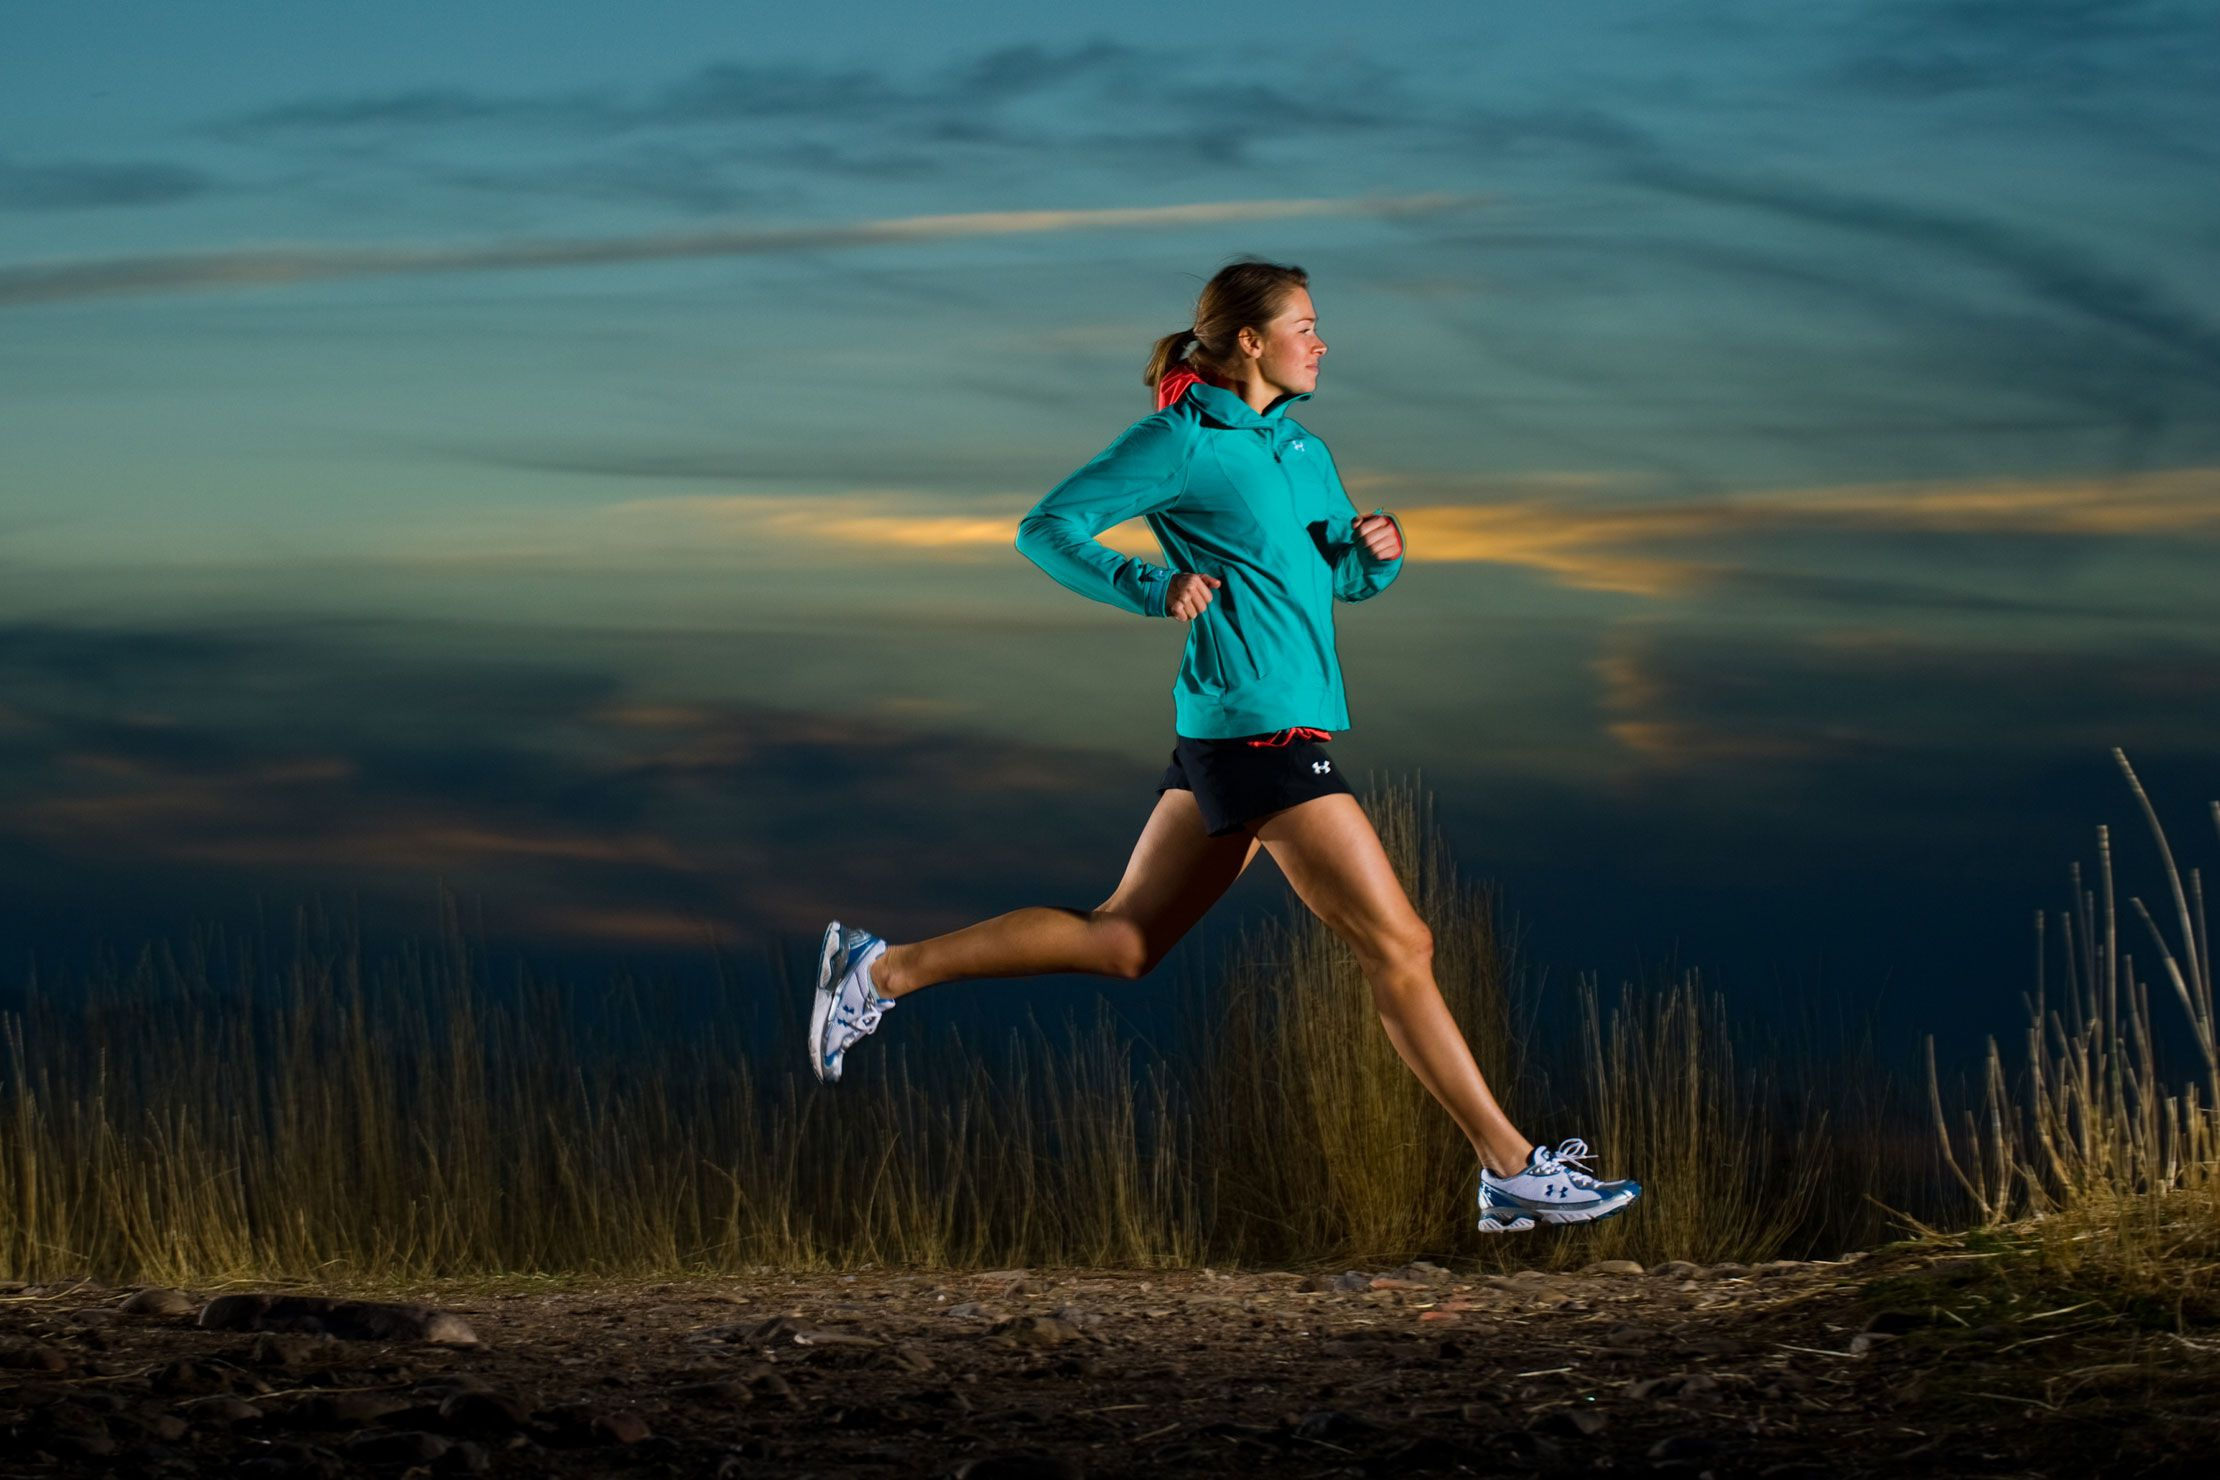 runner-air-night-1456841701.jpg